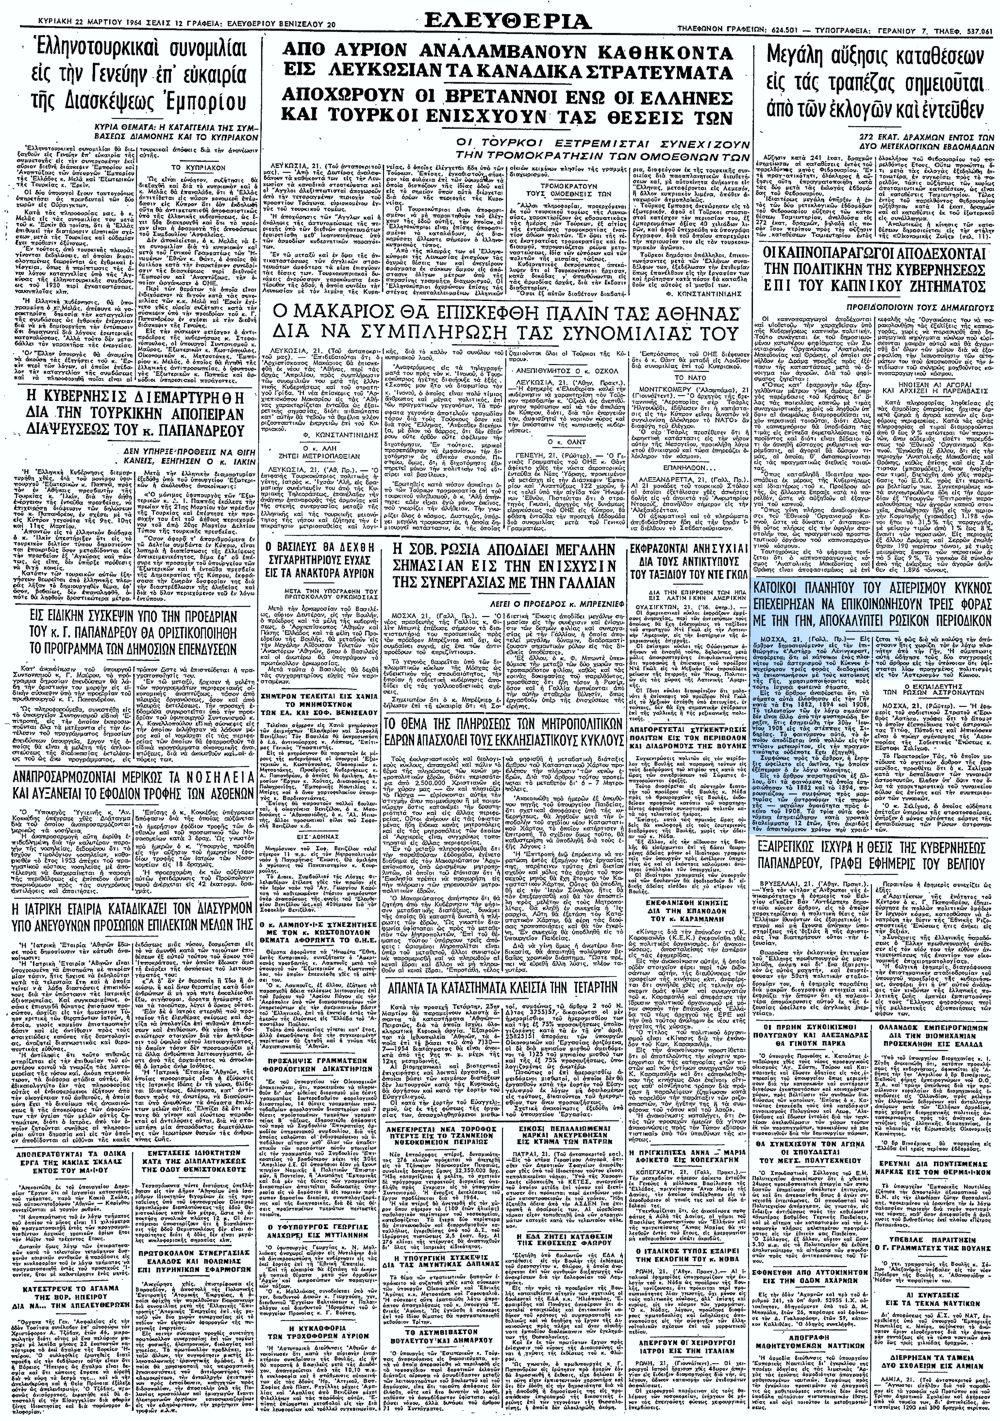 """Το άρθρο, όπως δημοσιεύθηκε στην εφημερίδα """"ΕΛΕΥΘΕΡΙΑ"""", στις 22/03/1964"""